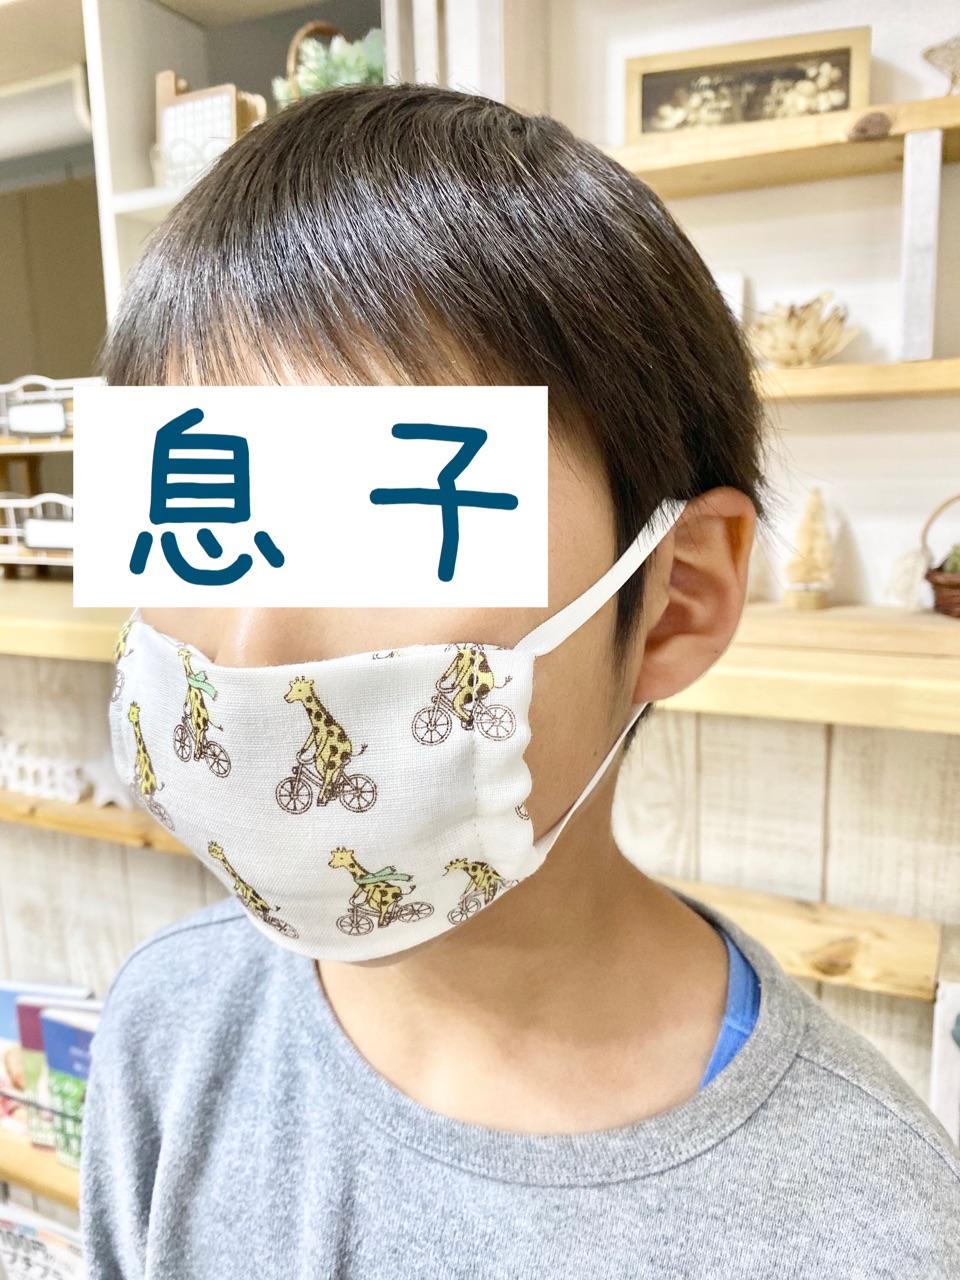 ゴム マスク 痛い の